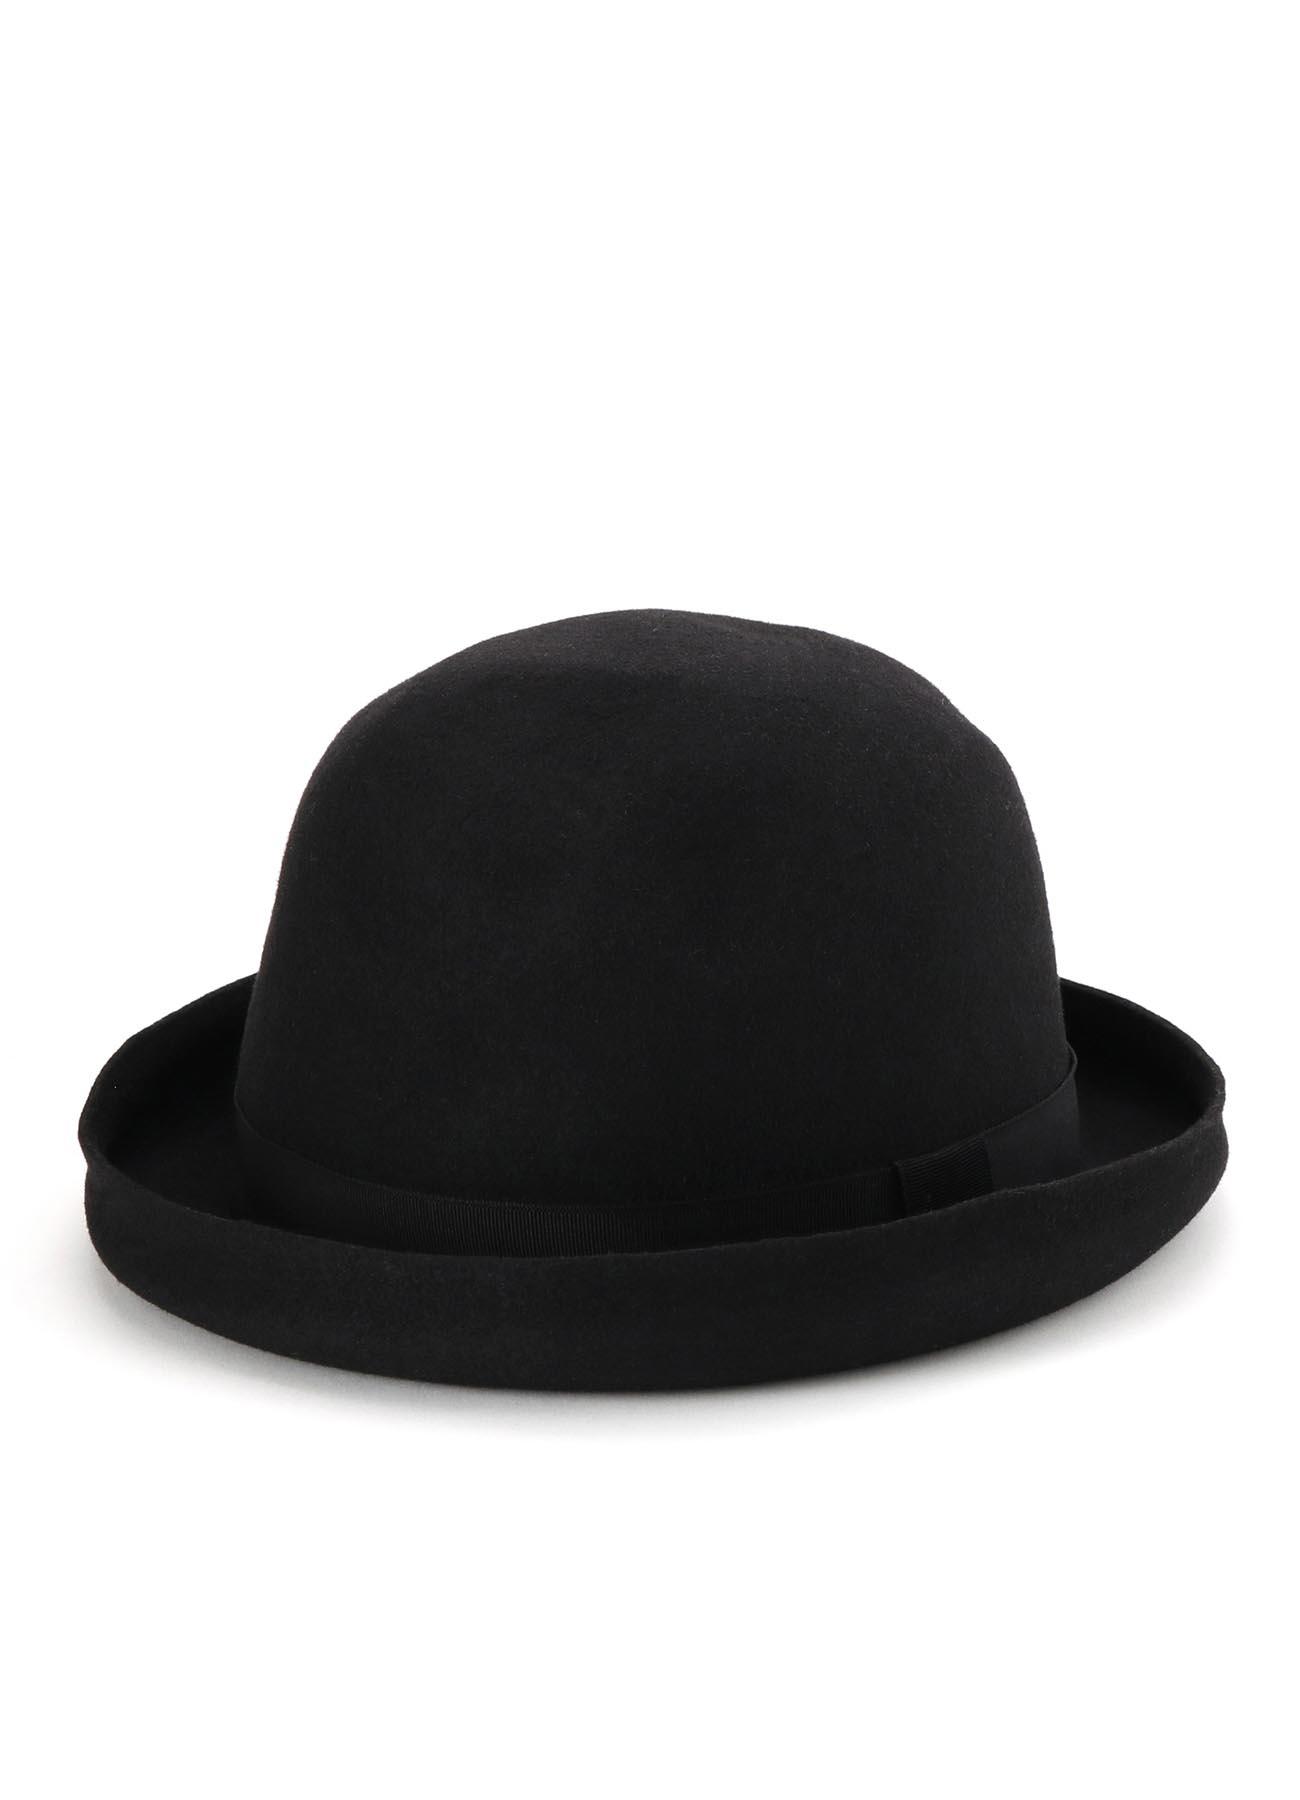 ウールフェルト帽体マウンテンハット